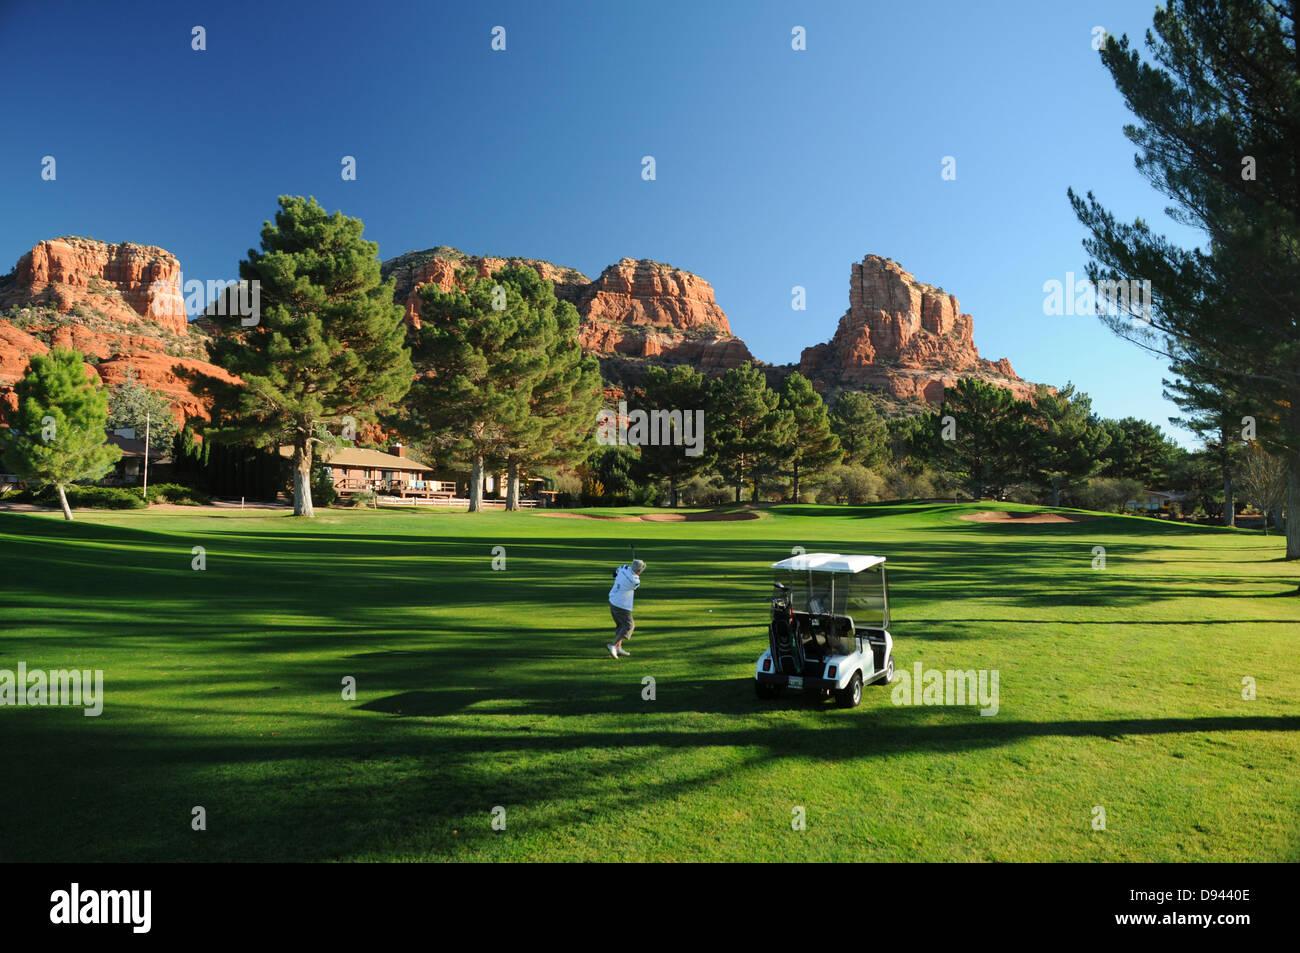 Oakcreek Country Club golf course à Sedona, Arizona entouré par des formations de roche rouge Photo Stock